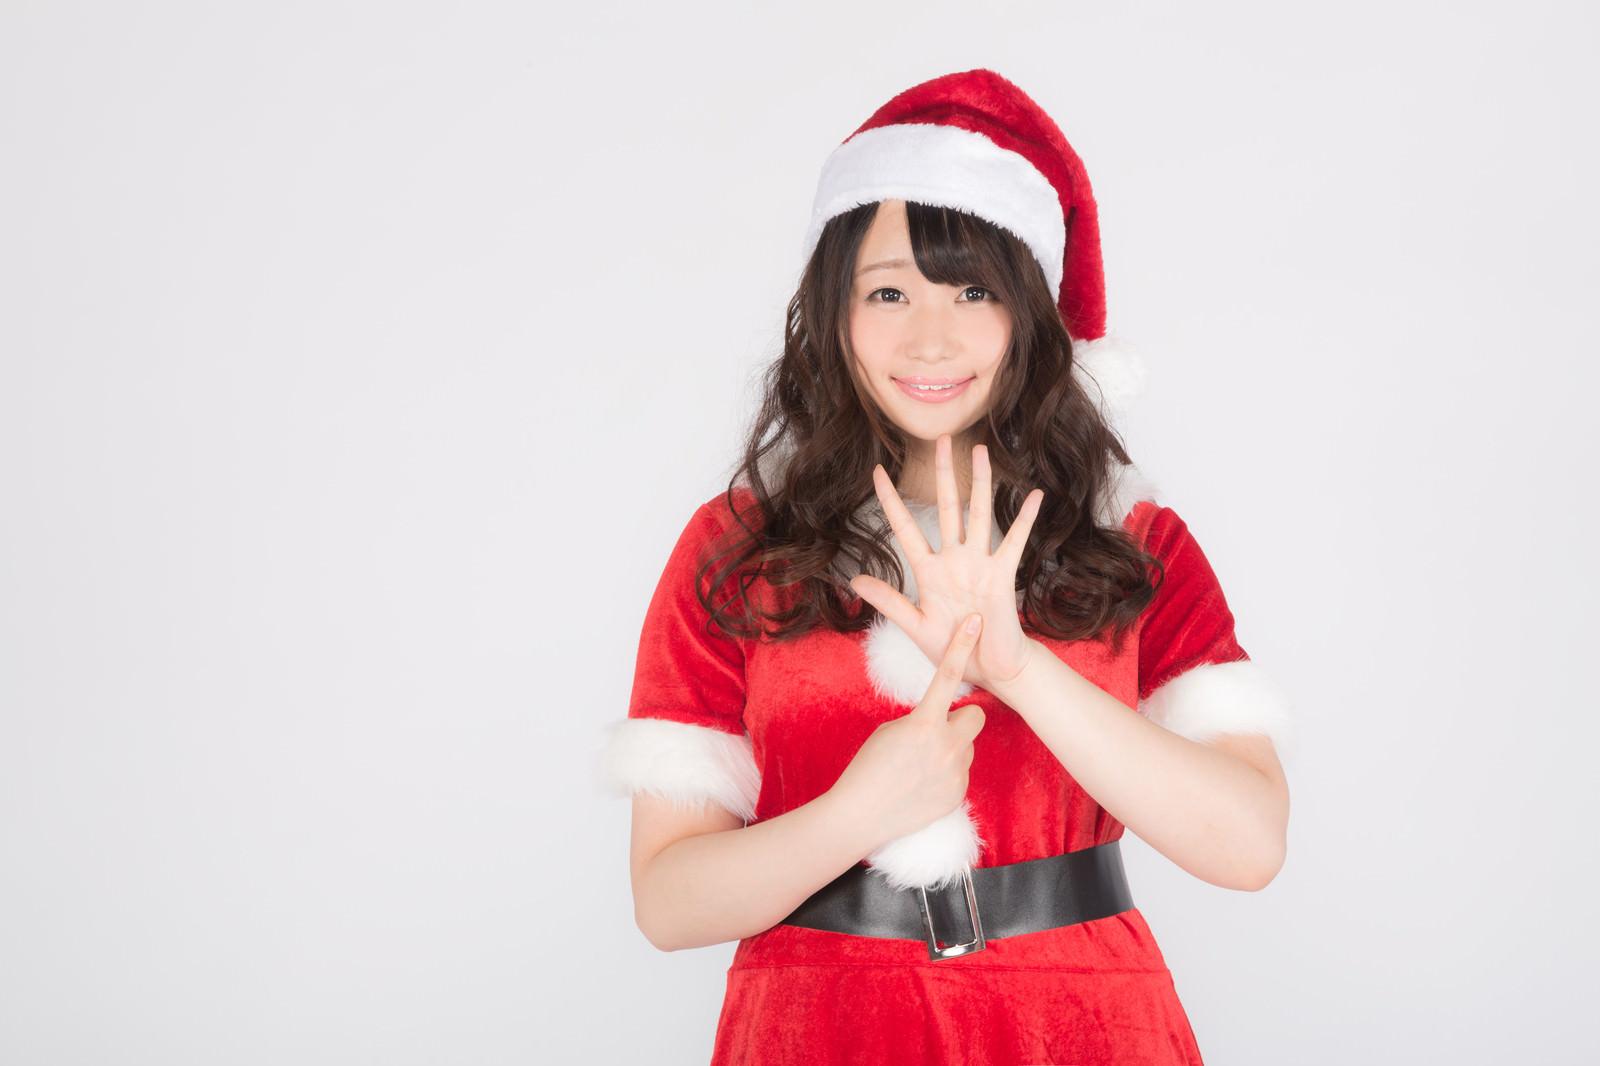 「女性サンタがクリスマスまであと6日をお知らせします!」の写真[モデル:茜さや]